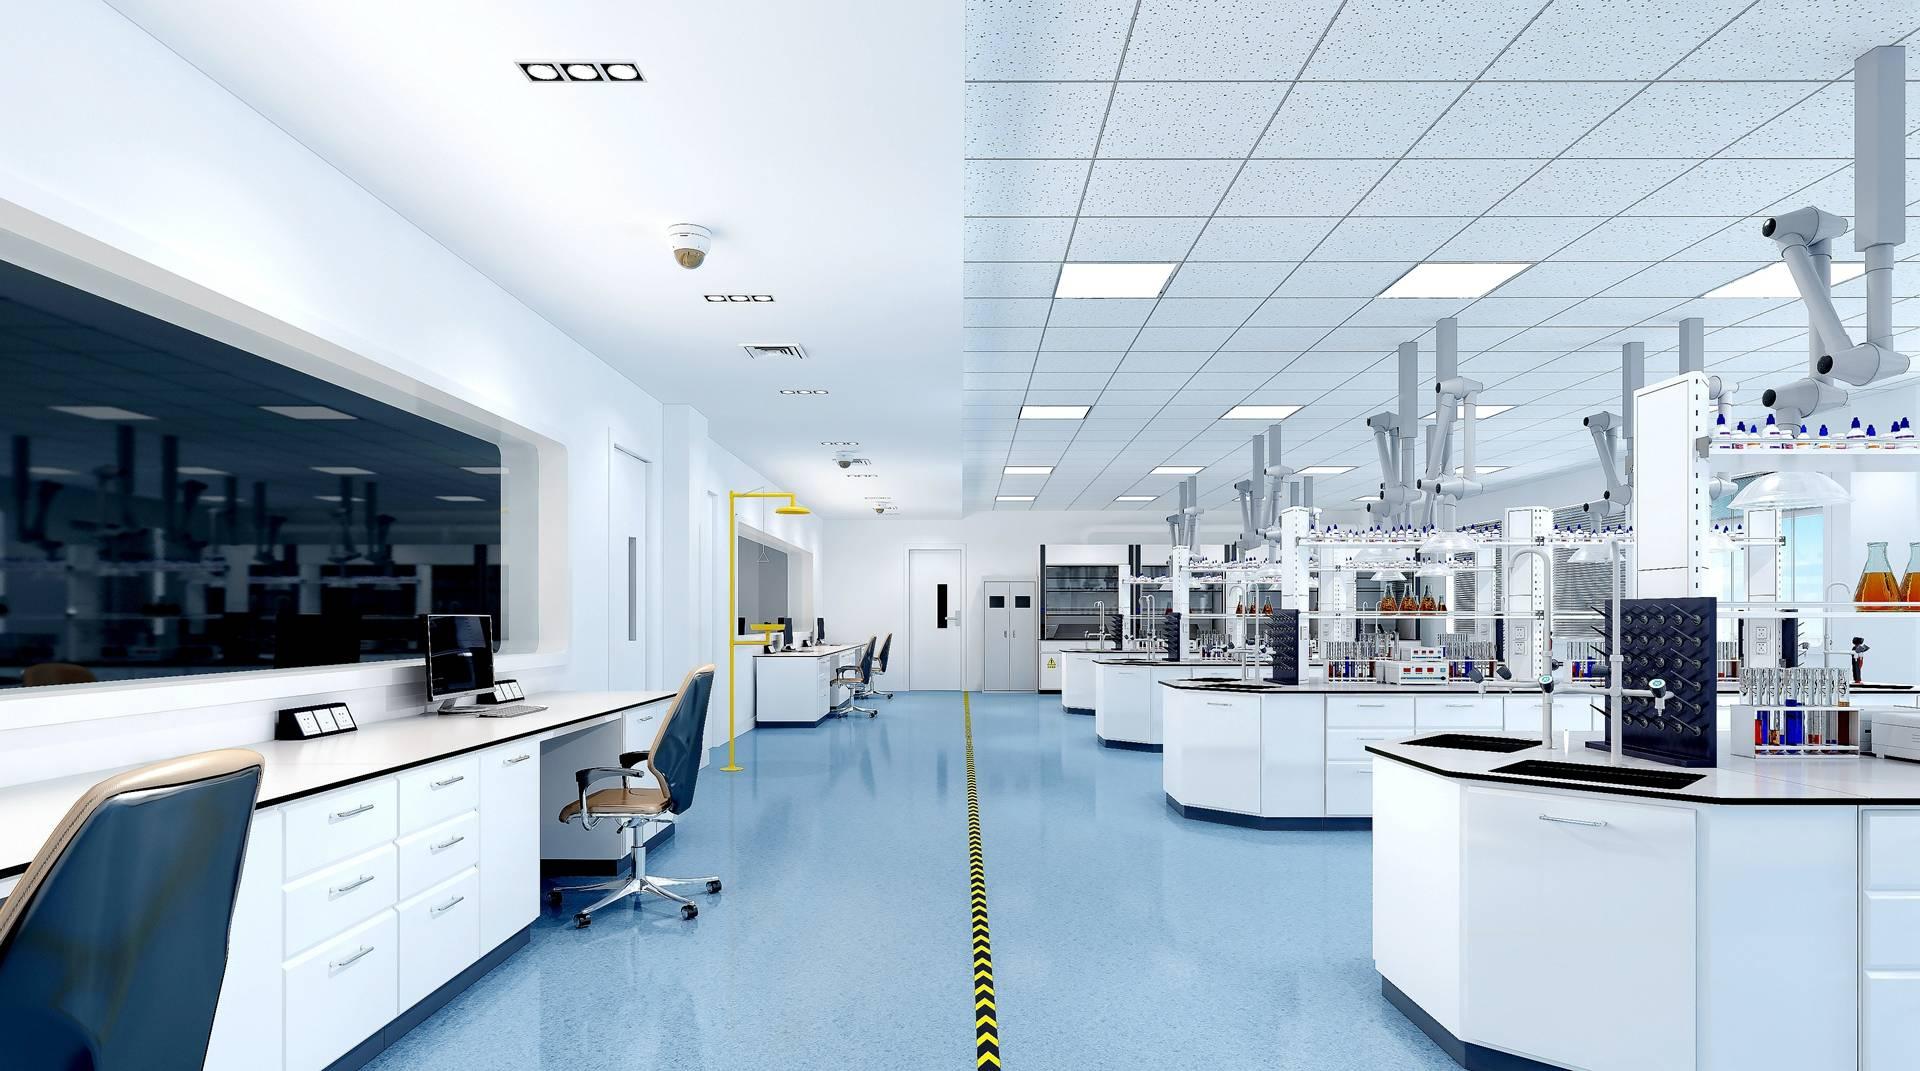 扫描电子显微镜应用中,工业显示器需带桌面安装底座支架!